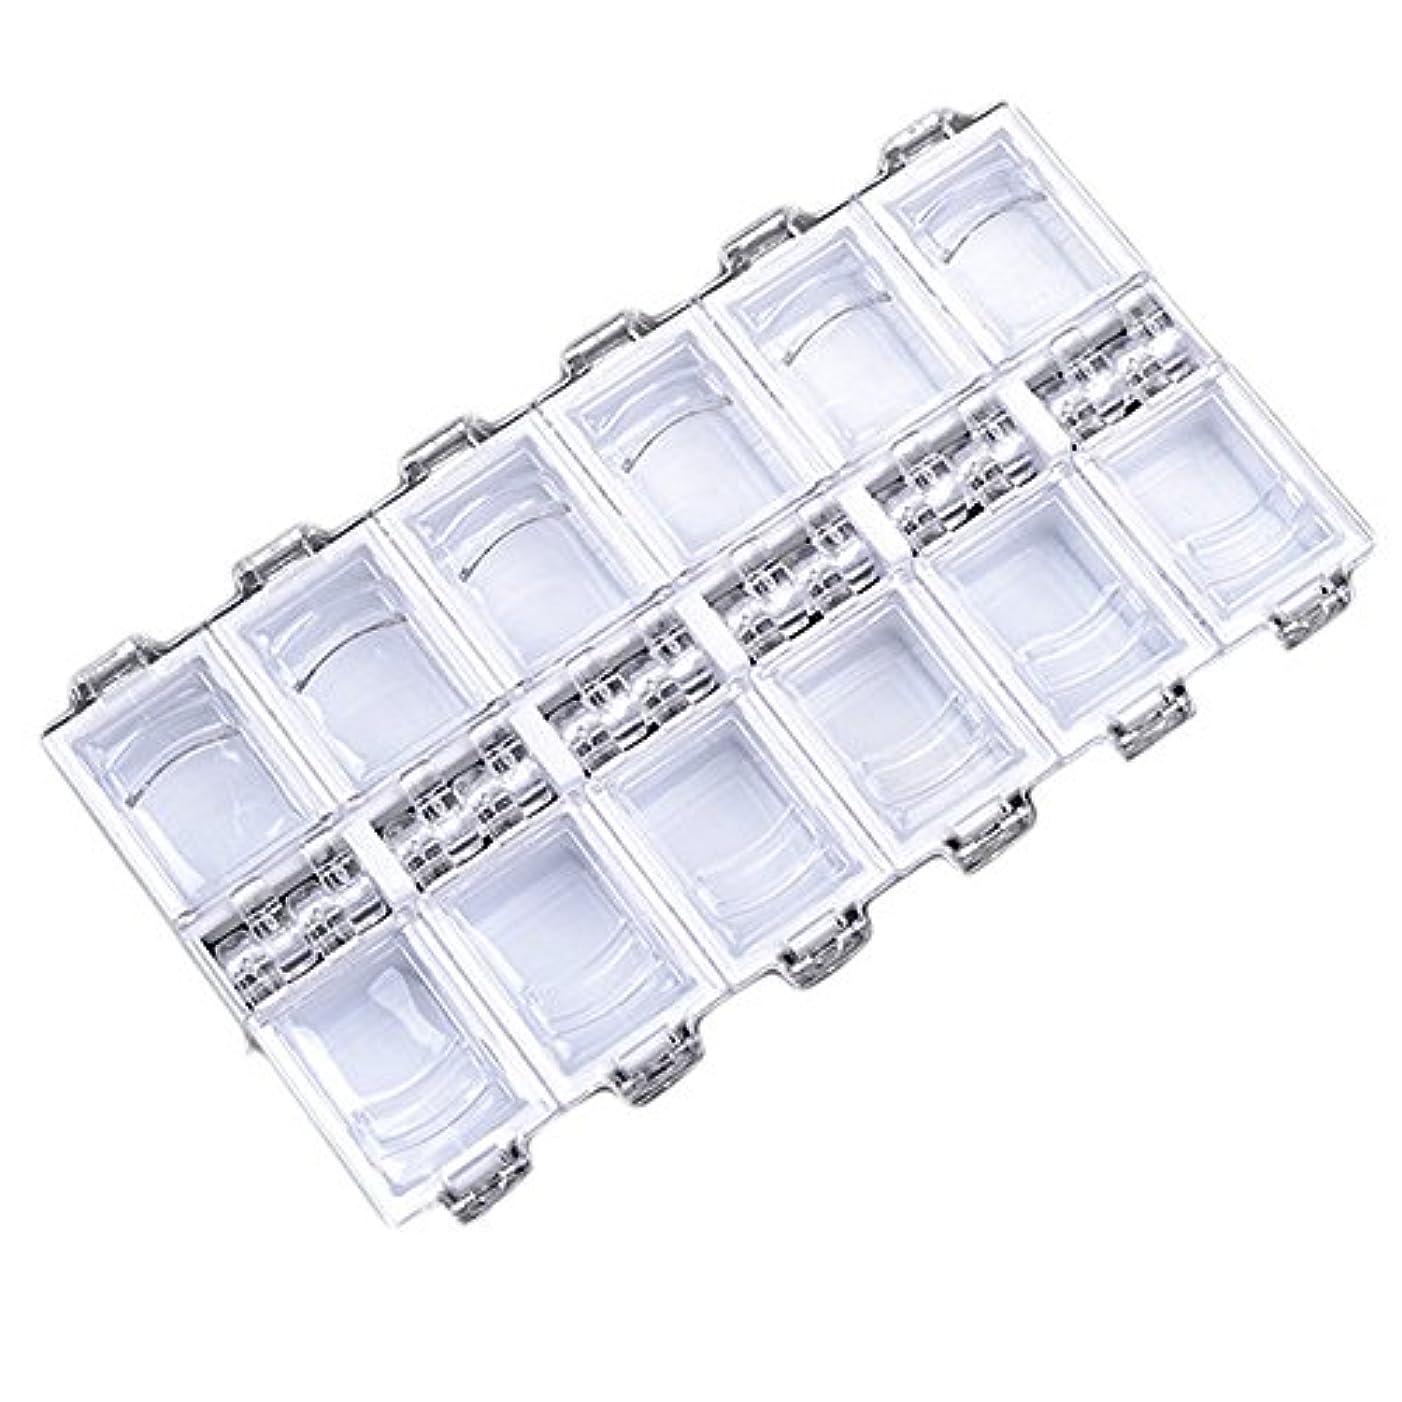 発症むさぼり食う膨らませる12グリッドファッション独立アクリルネイル装飾収納ボックス (WH)